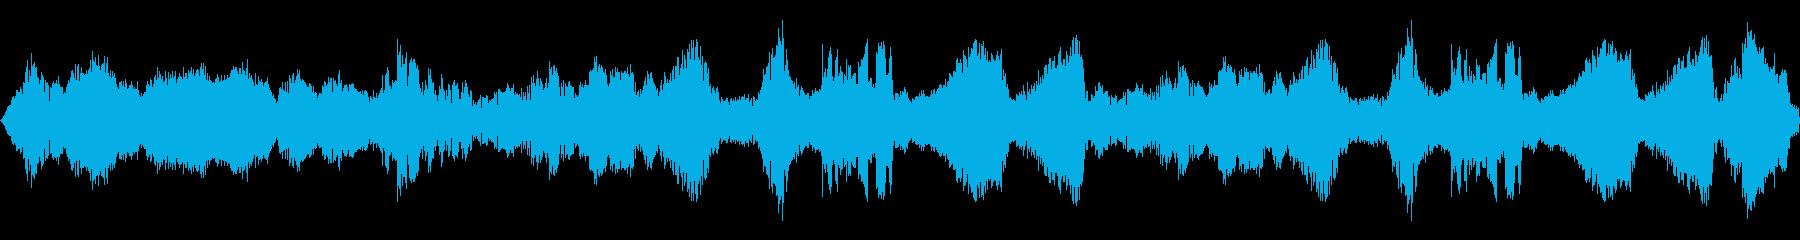 コントロールセンター:多層通信信号...の再生済みの波形